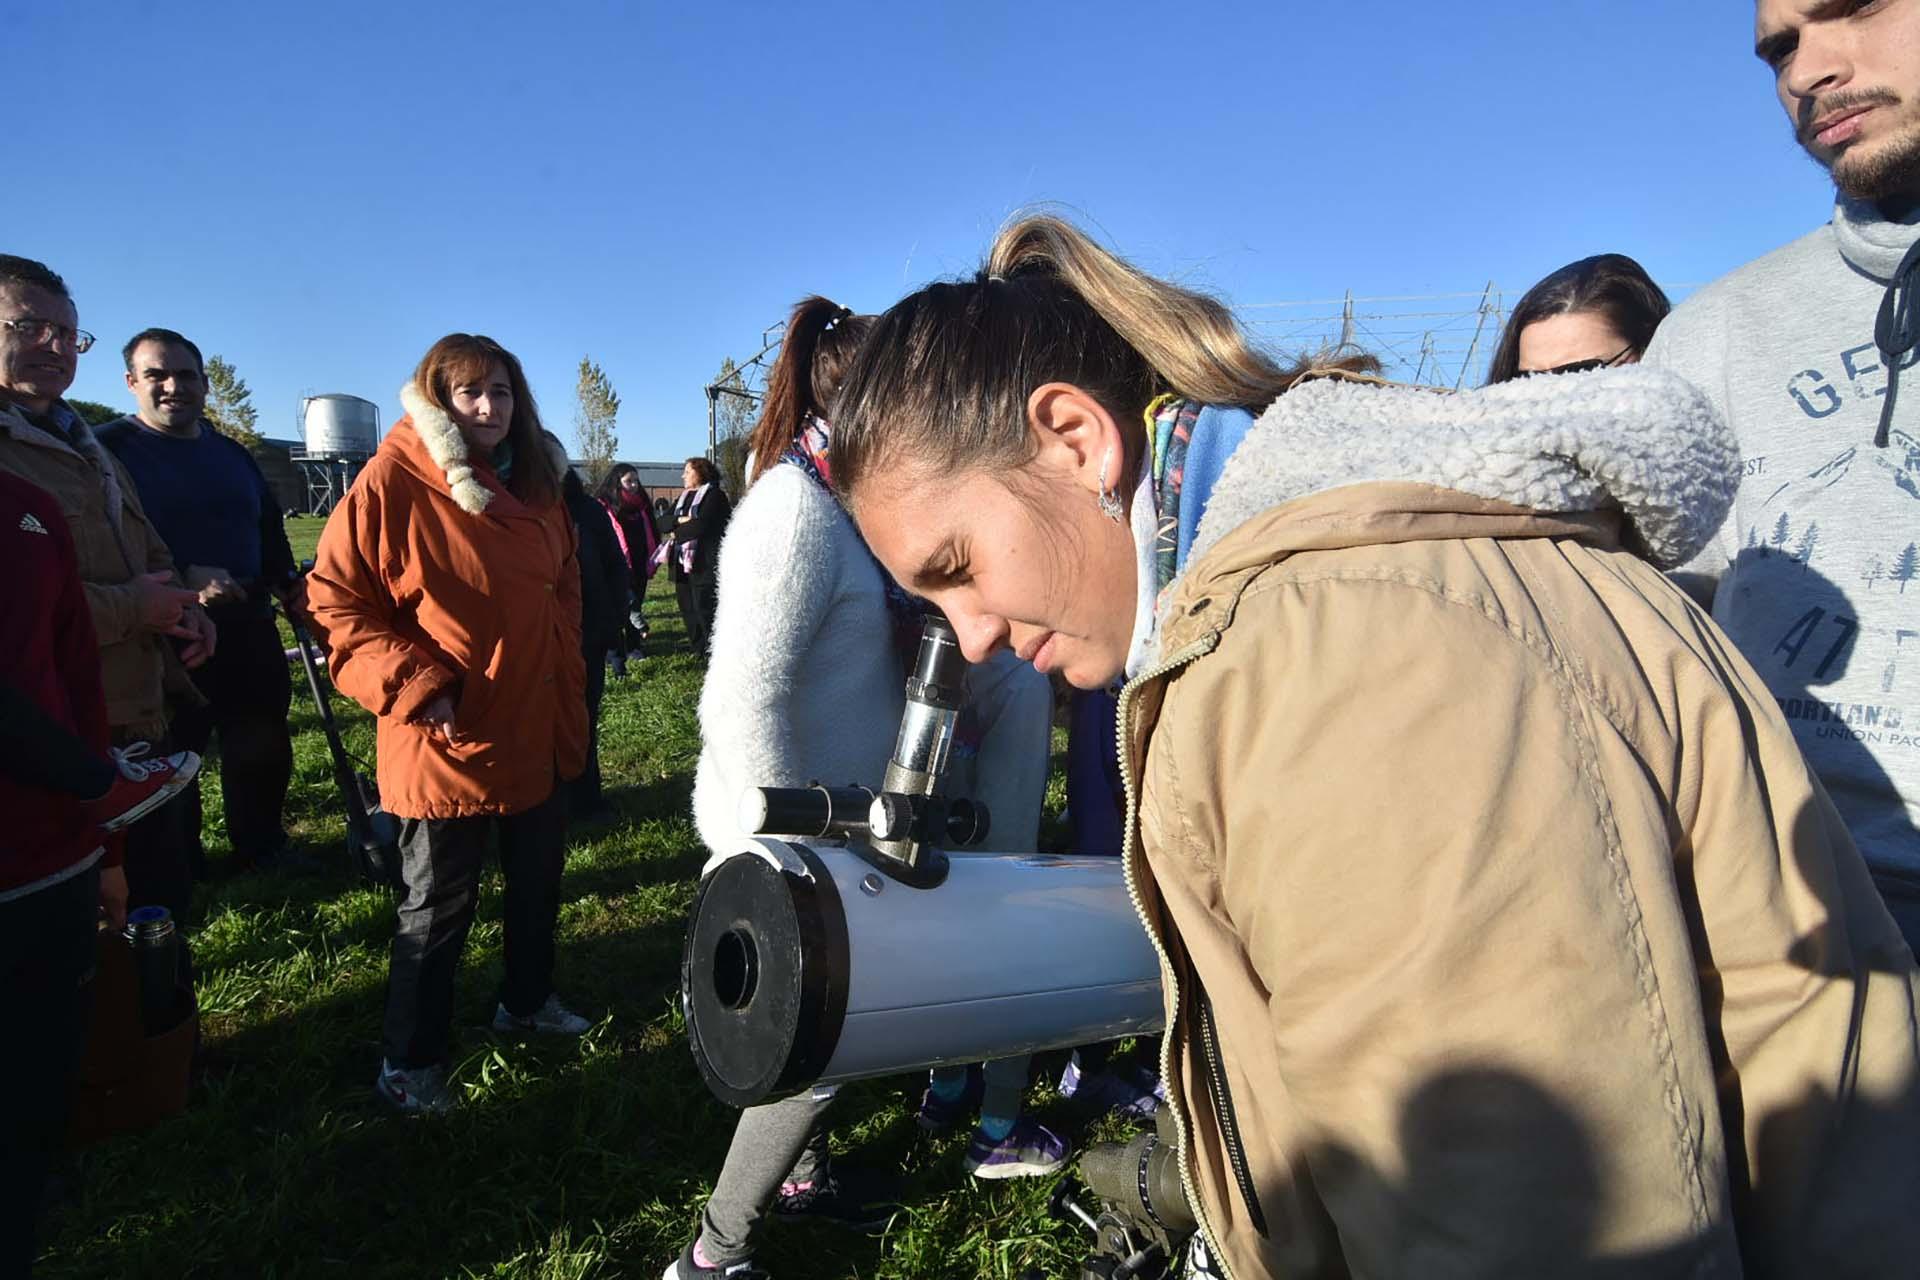 La gente utiliza todo tipo de elementos caseros para proteger la vista y así poder ver el eclipse de sol desde Santa Fe, Argentina (Télam)